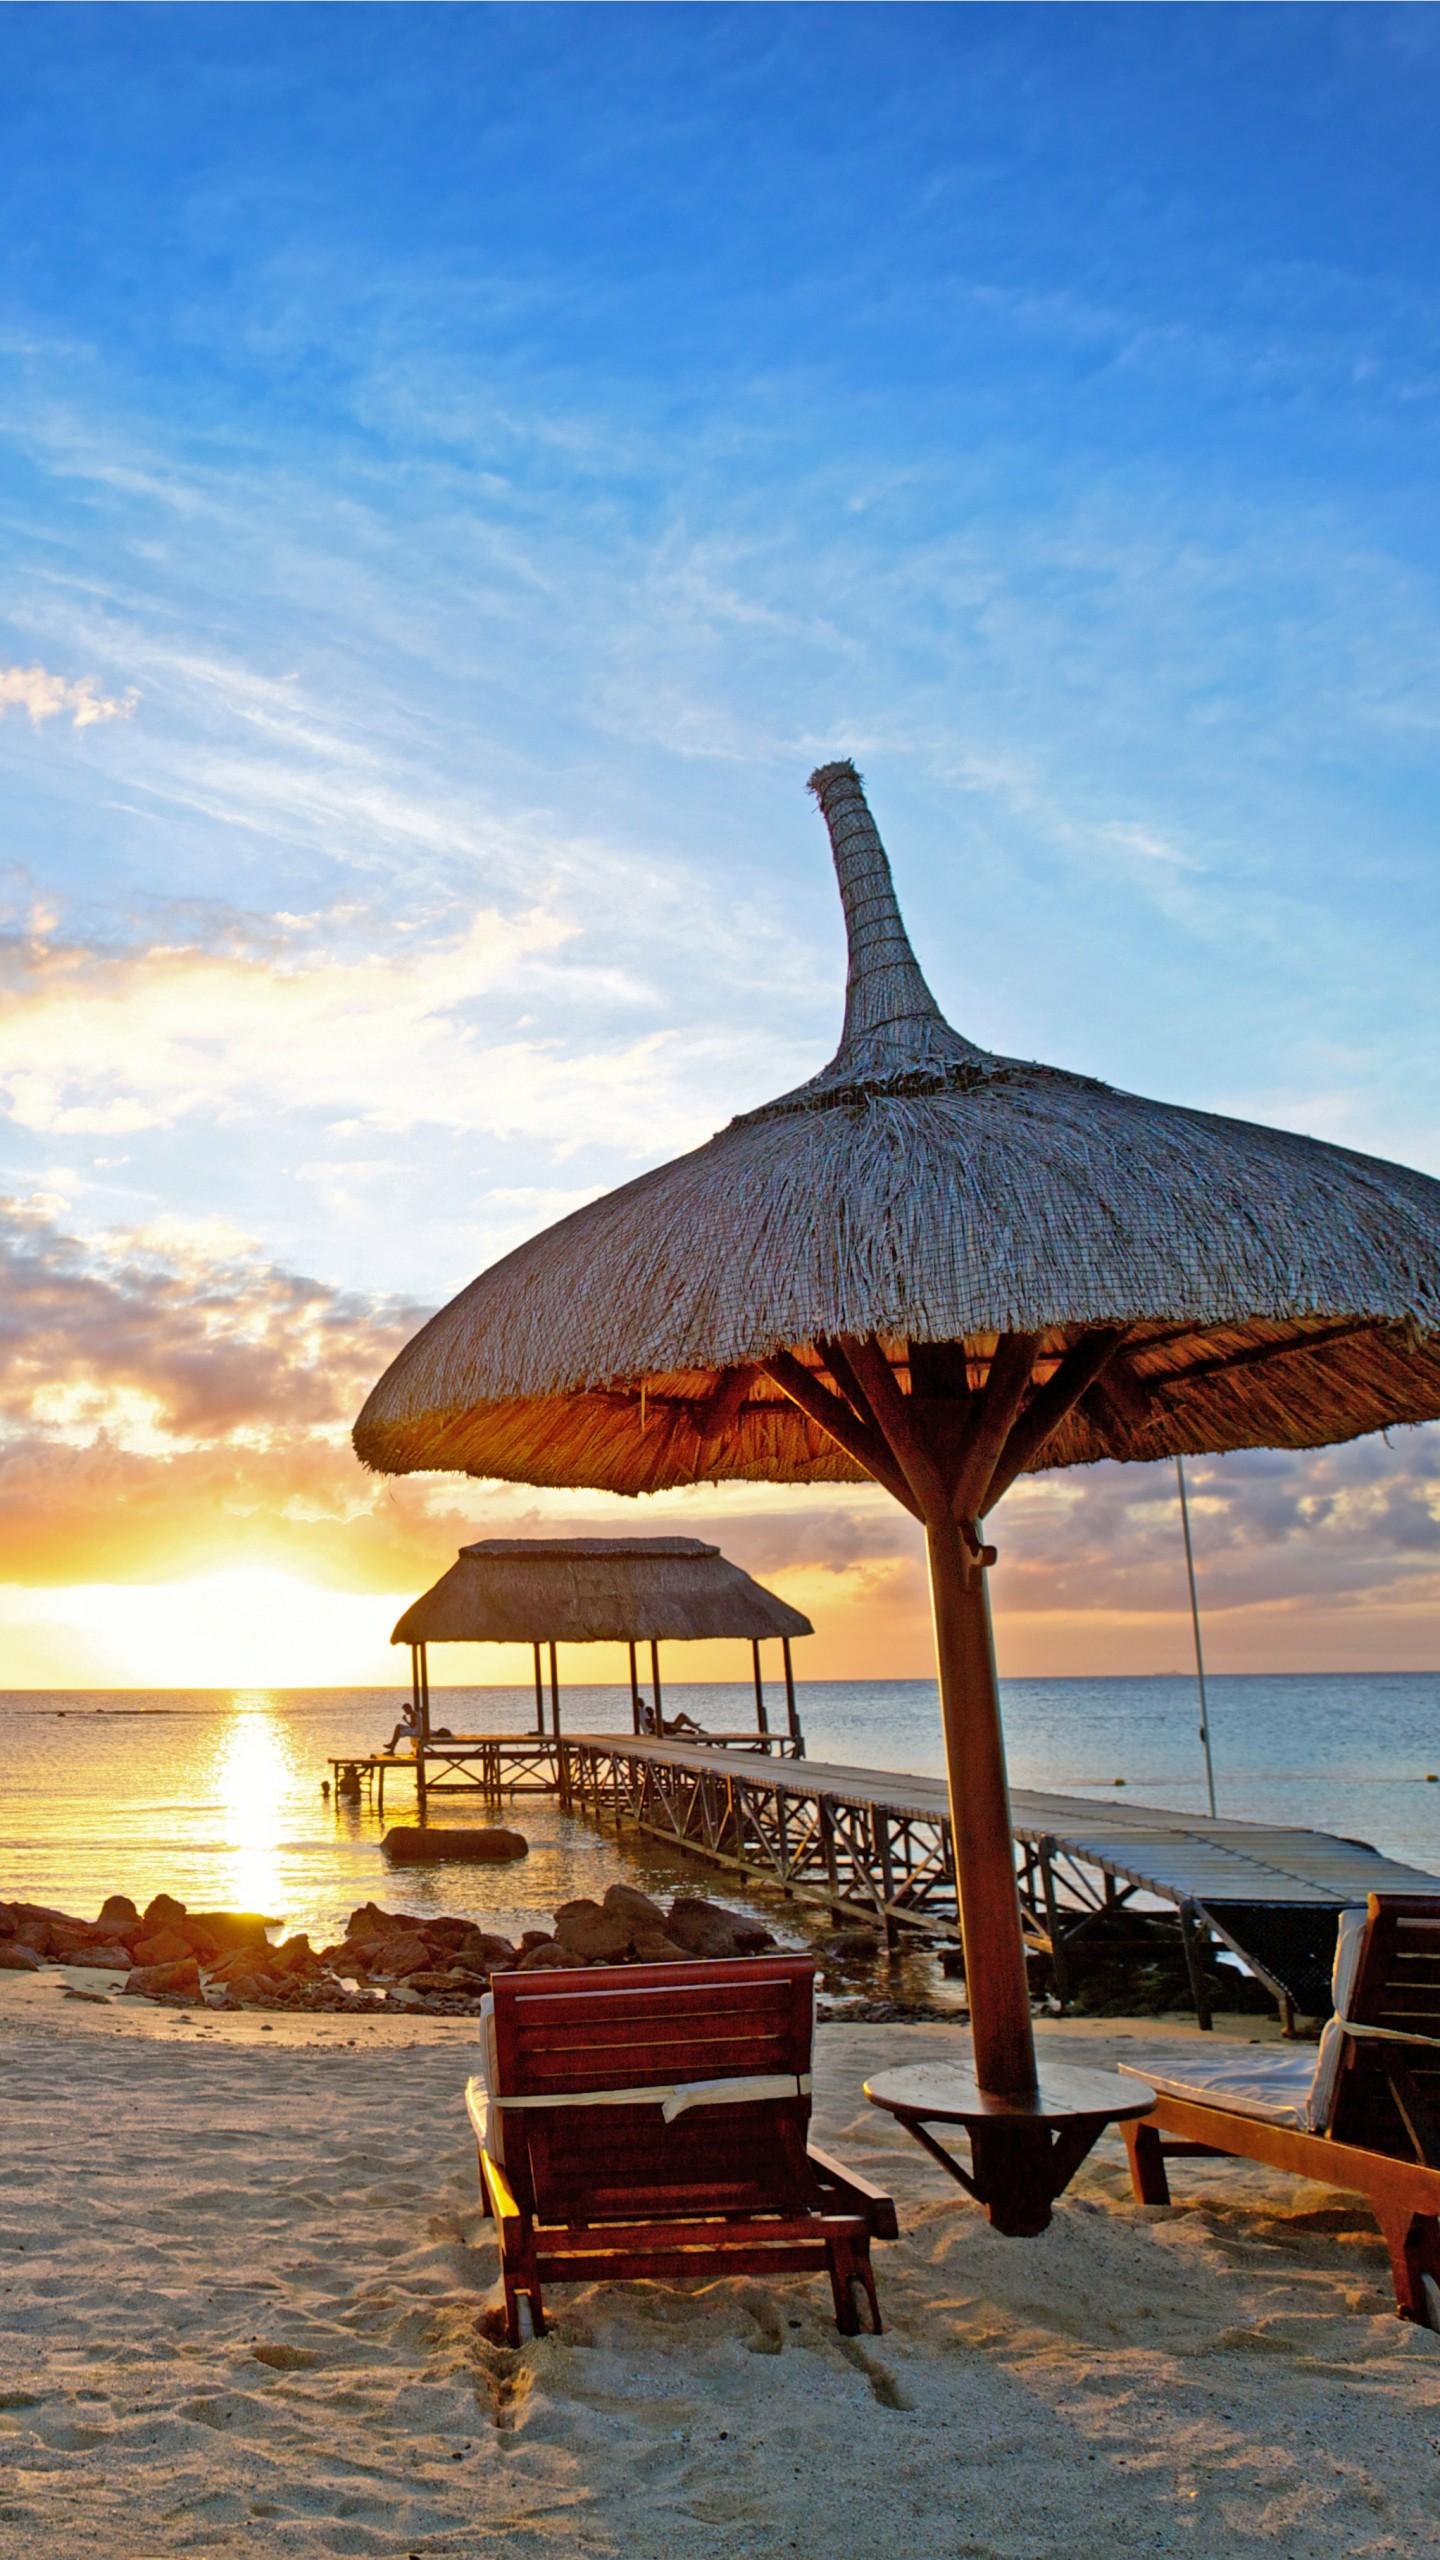 Wallpaper Mauritius Sunset Indian Ocean Beach Sand